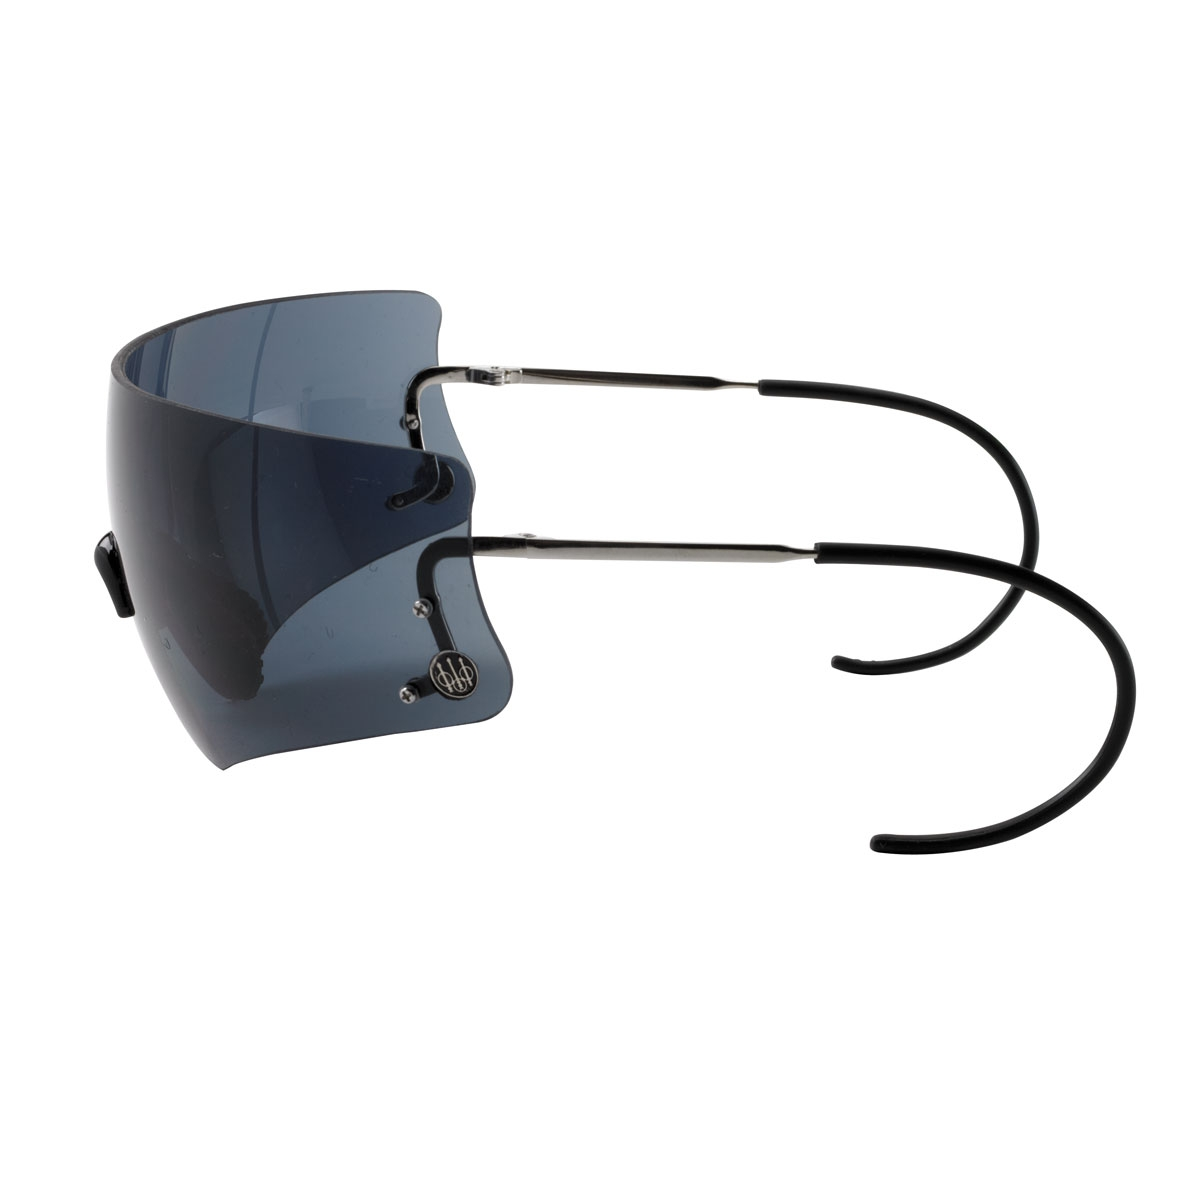 Beretta Trap Shooting Beretta Race Shooting Glasses